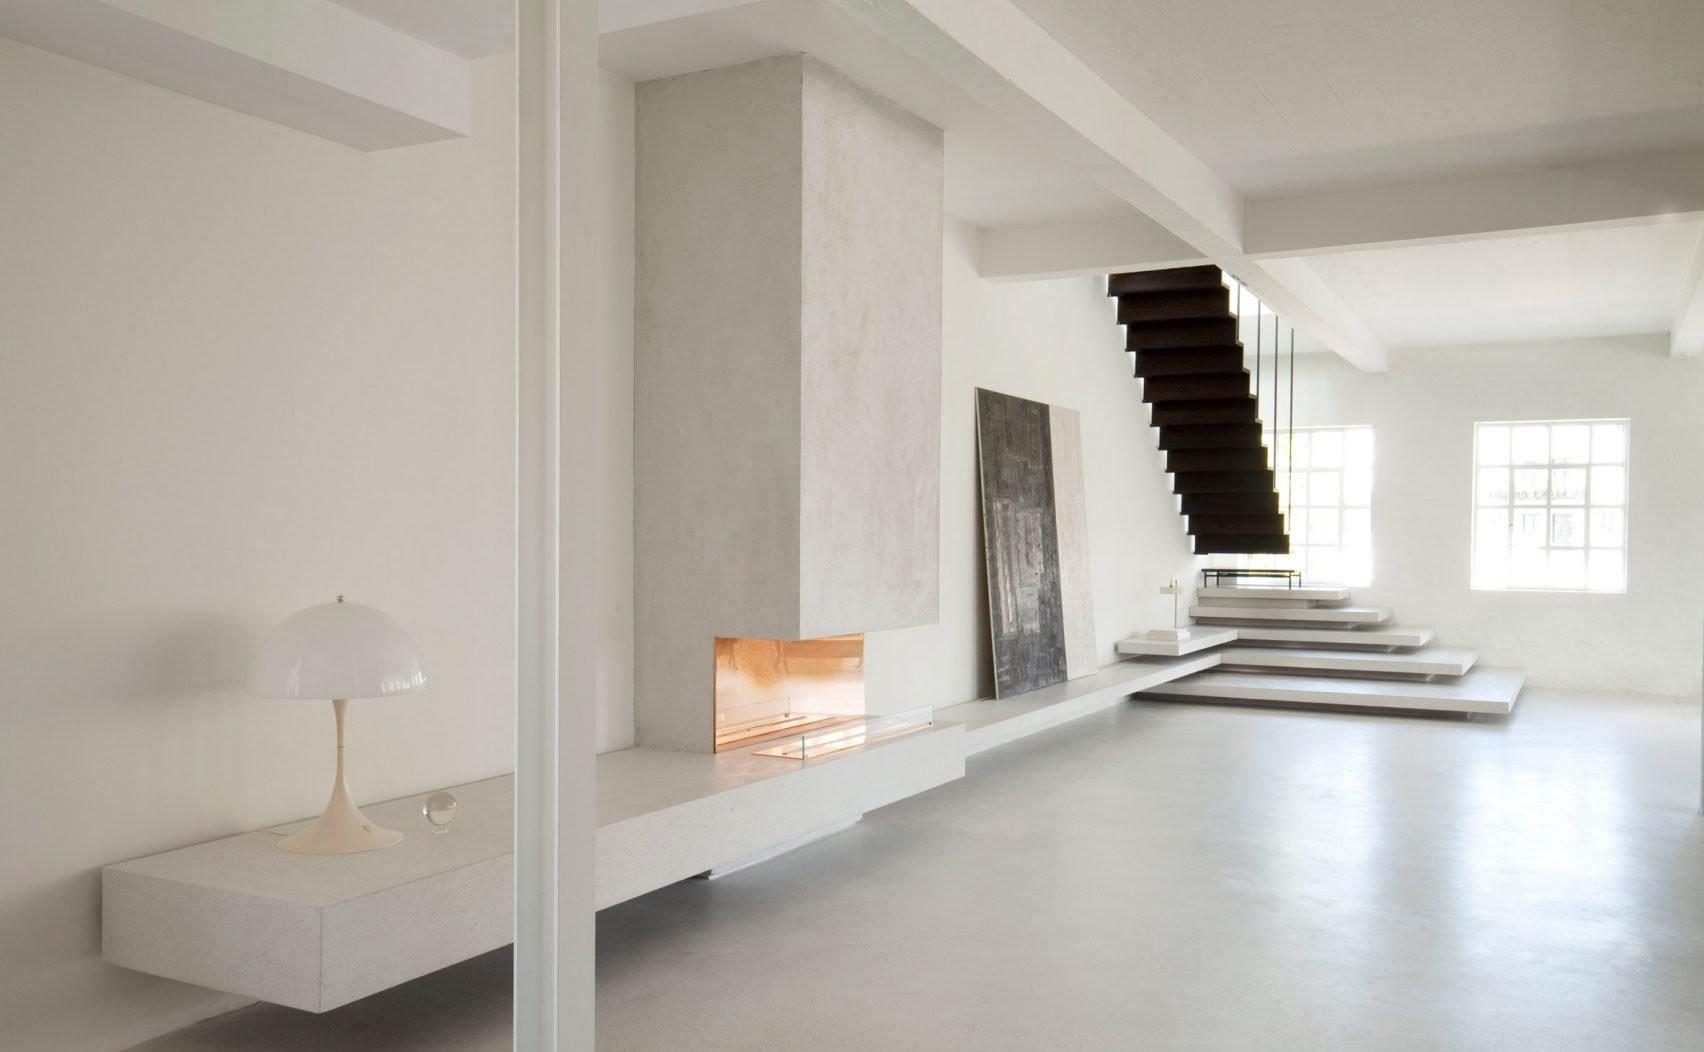 sturlasgade-apartment-copenhagen-jac-studios-renovation_dezeen_2364_col_1-1704x1136